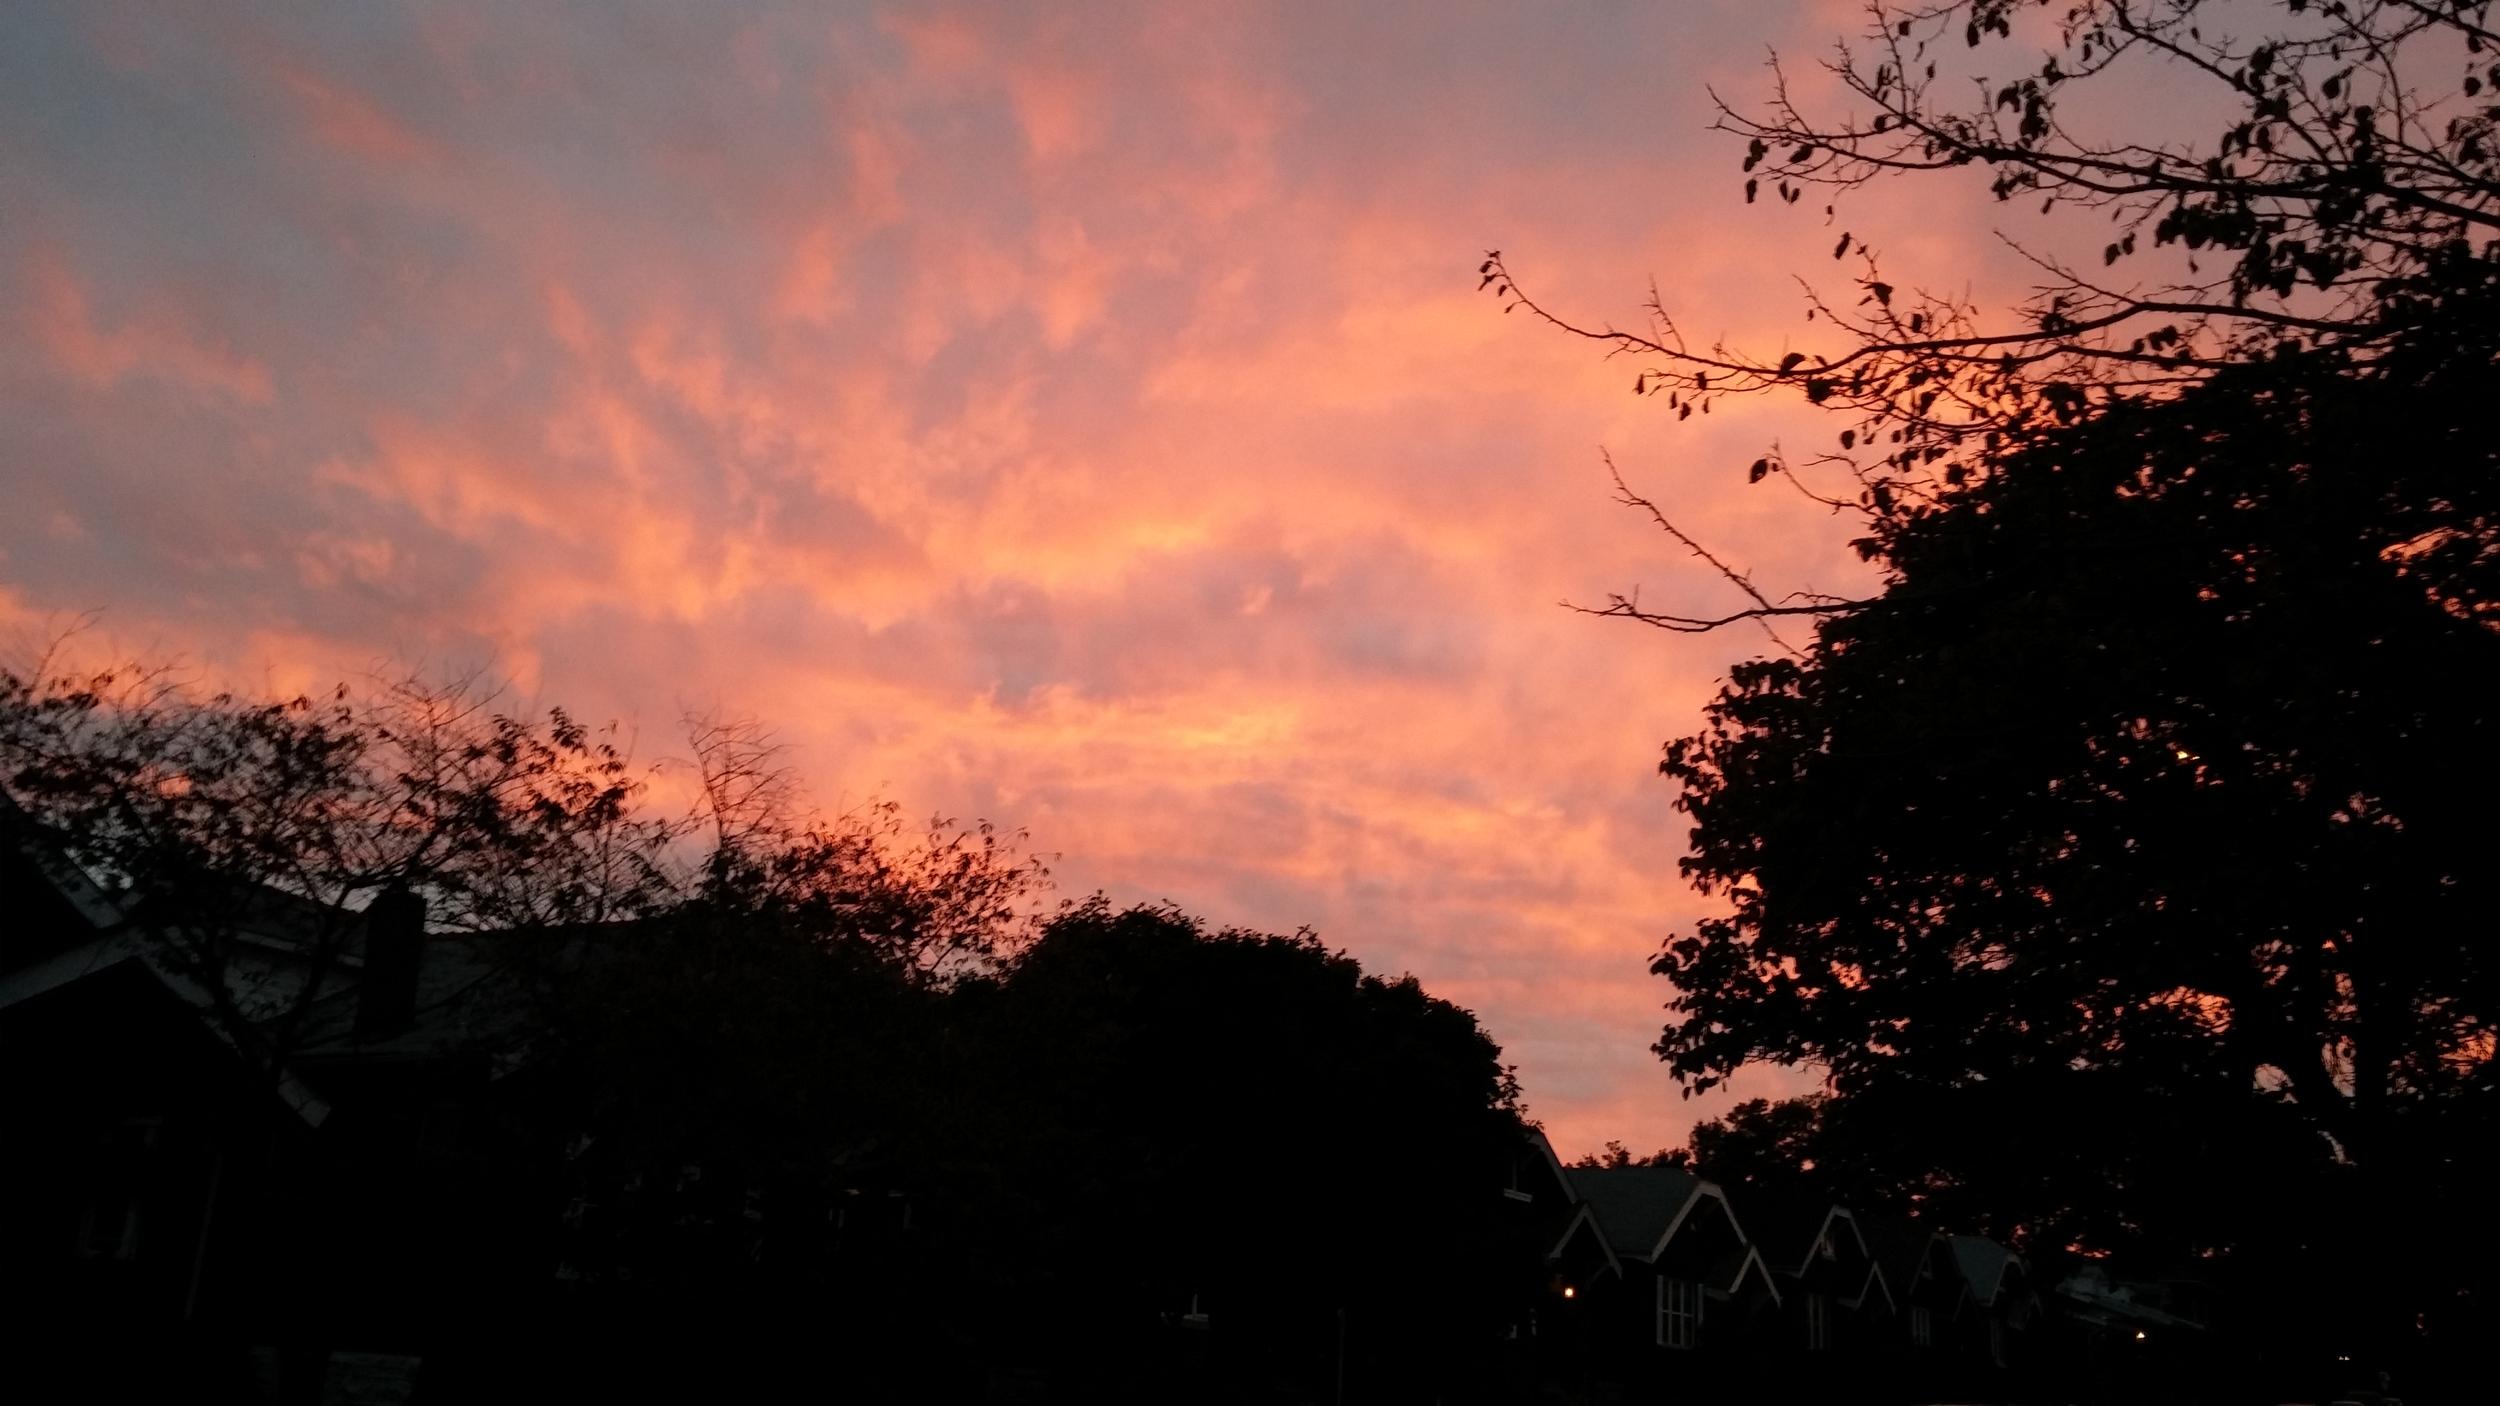 The sunset was pretty! Then it got dark...